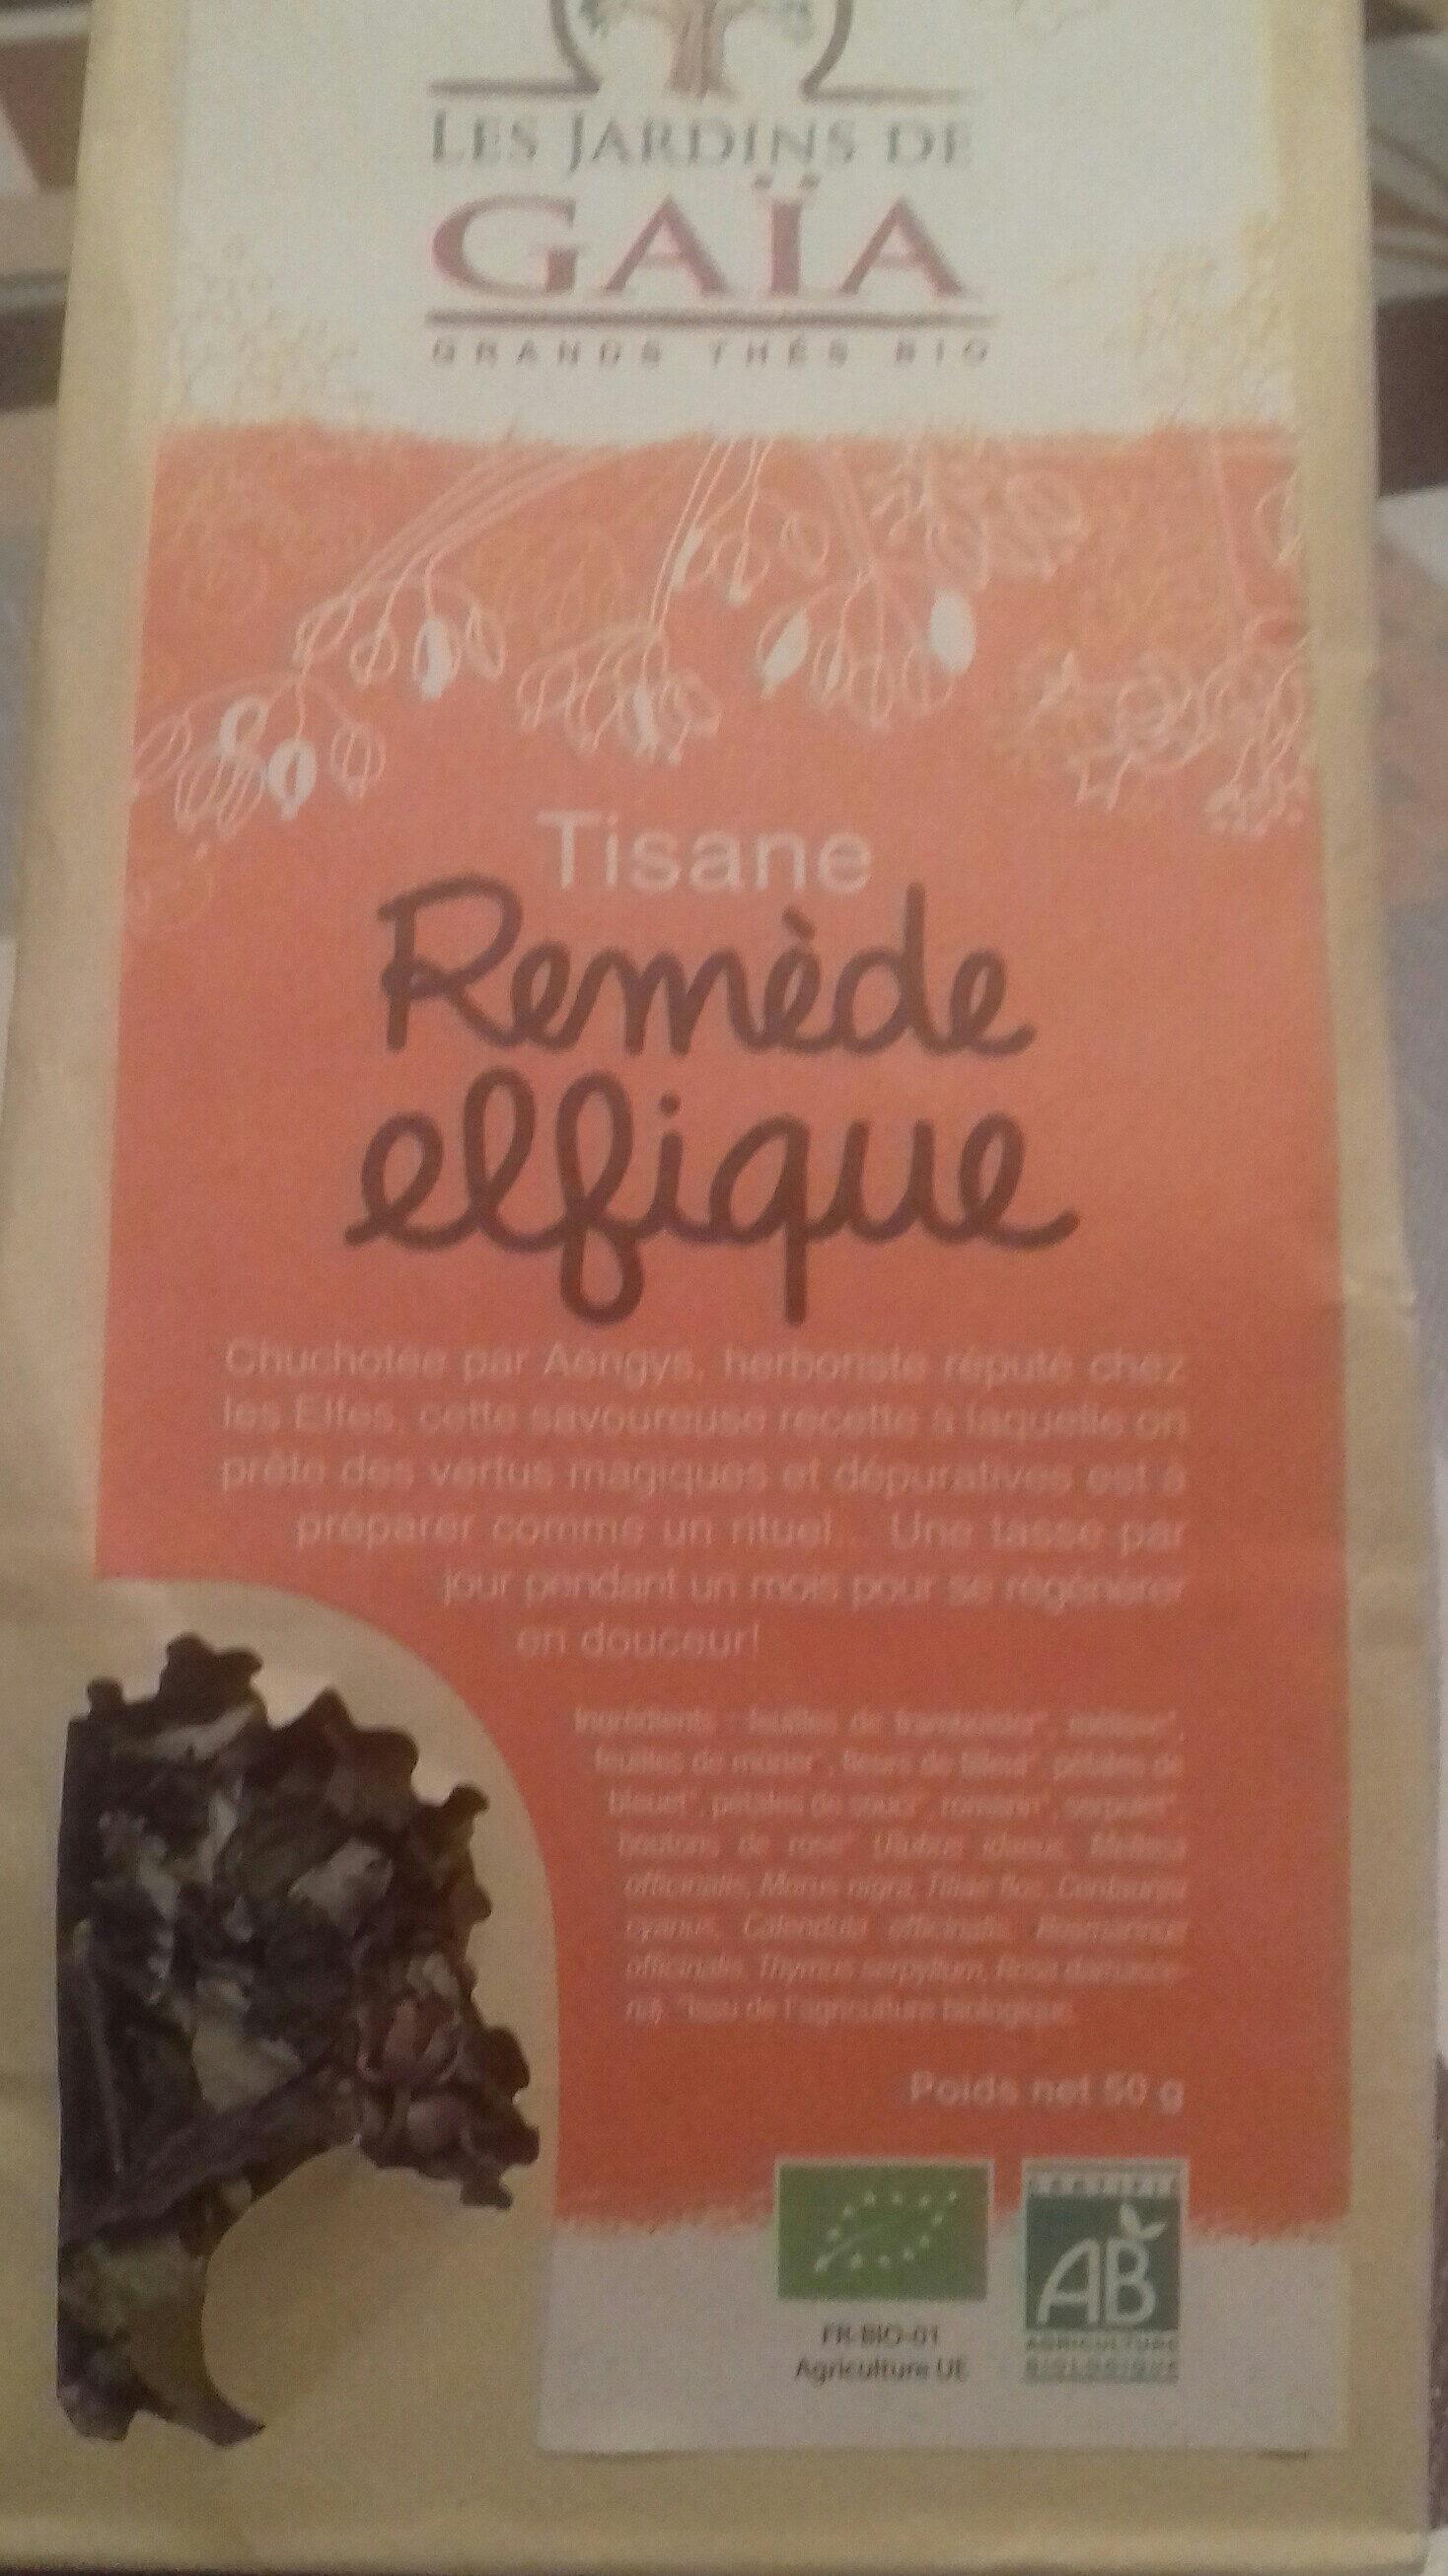 Tisane Remede Elfique - Sachet 50 G - Les Jardins De Gaïa - Product - en